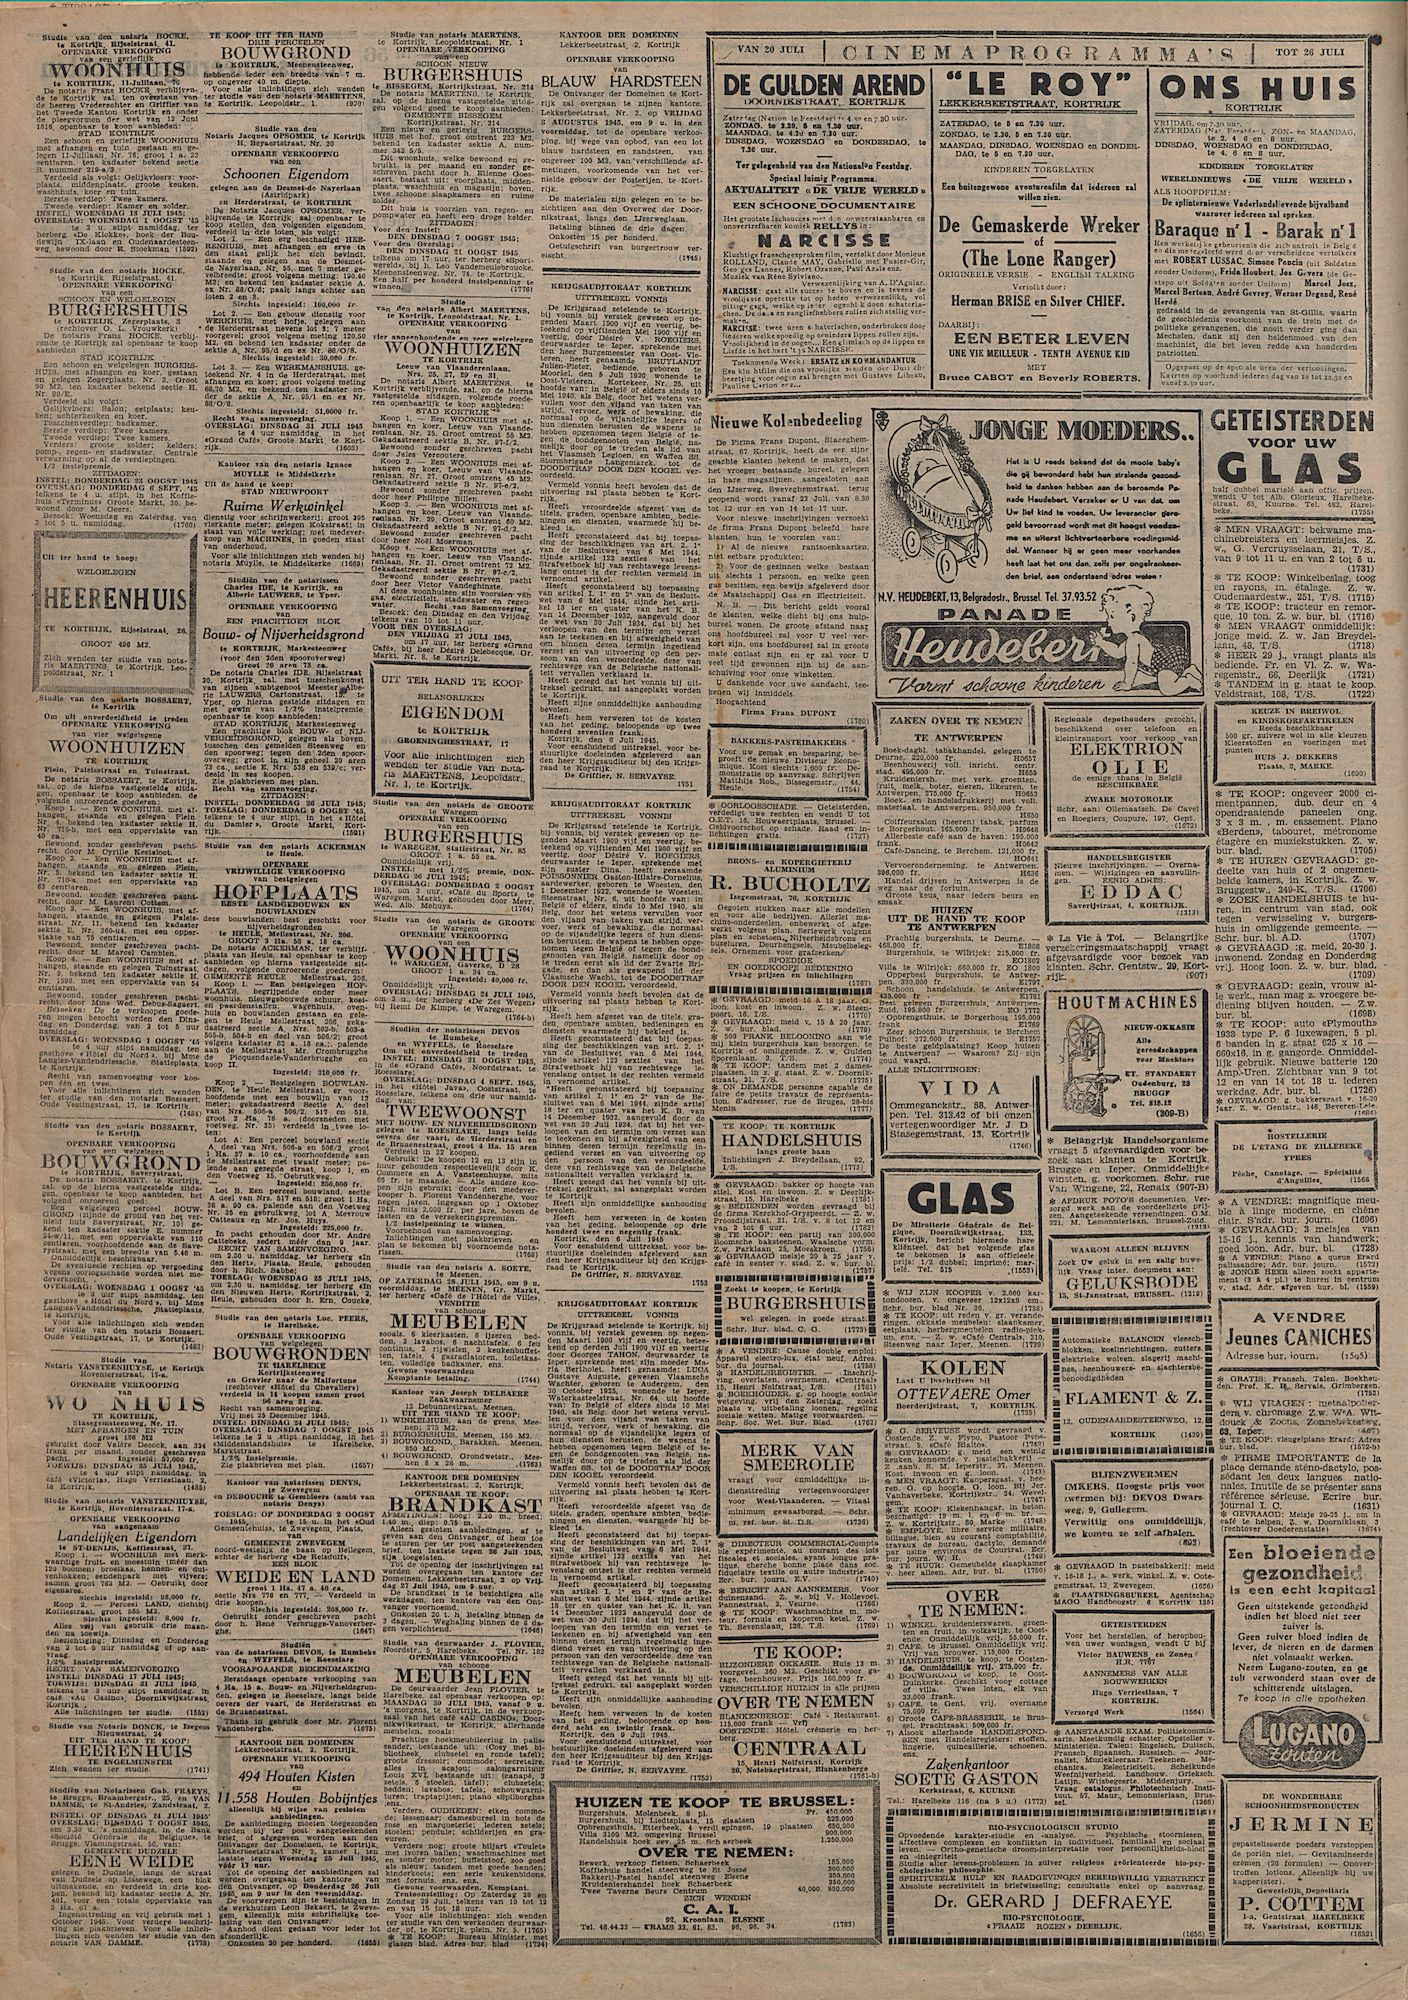 Kortrijksch Handelsblad 21 juli 1945 Nr58 p2